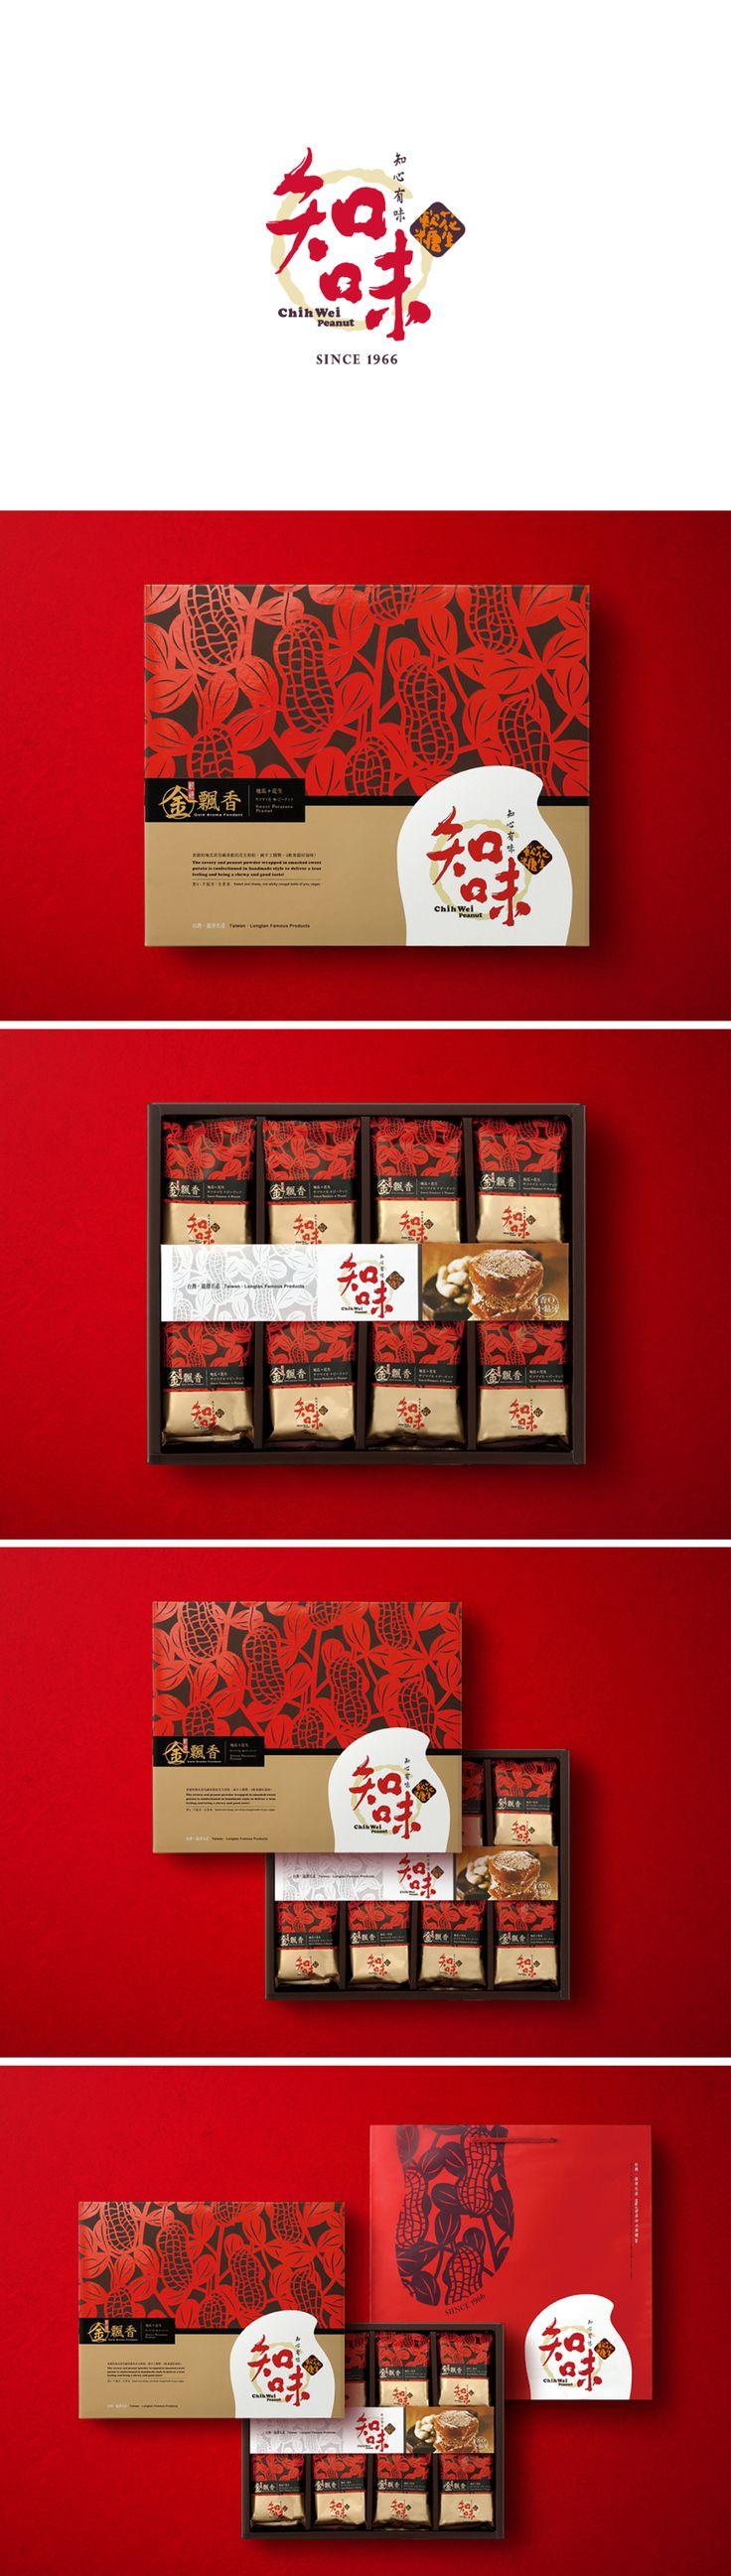 USE優勢品牌包裝設計公司